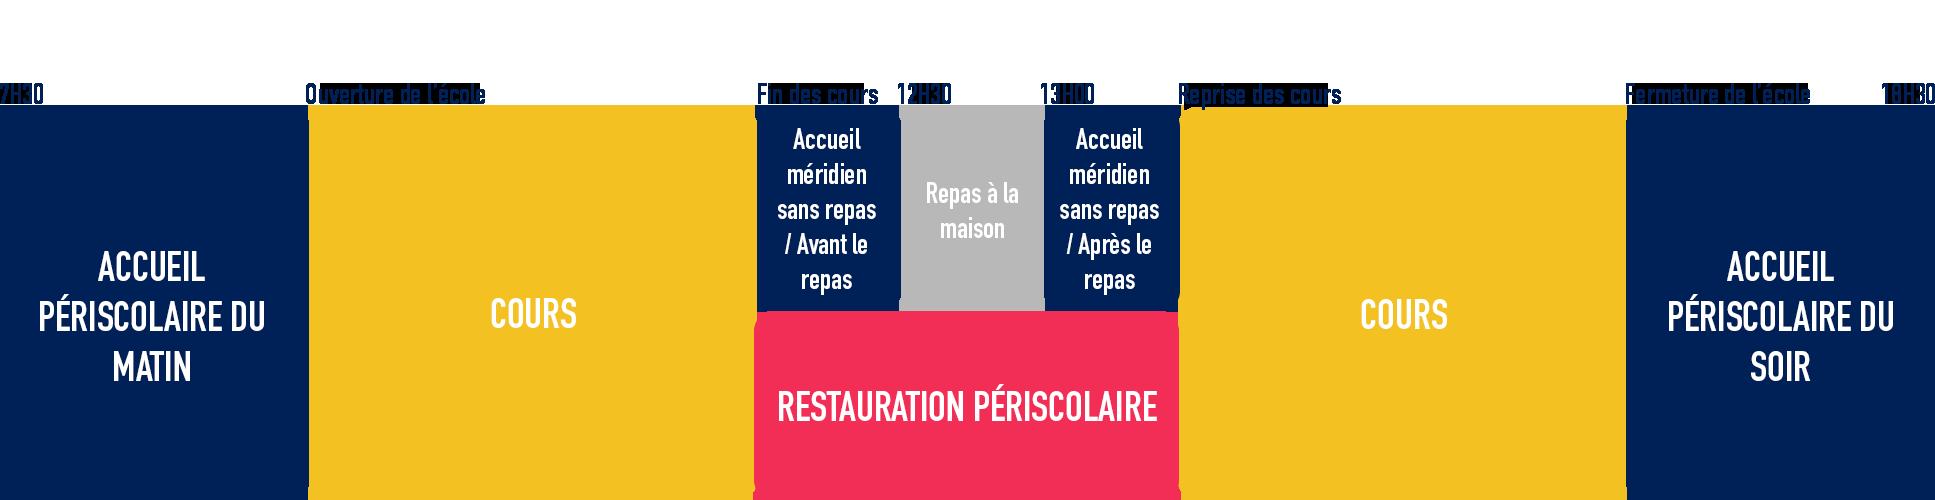 frise_chronologique_du_periscolaire_pages_8_et_9.png